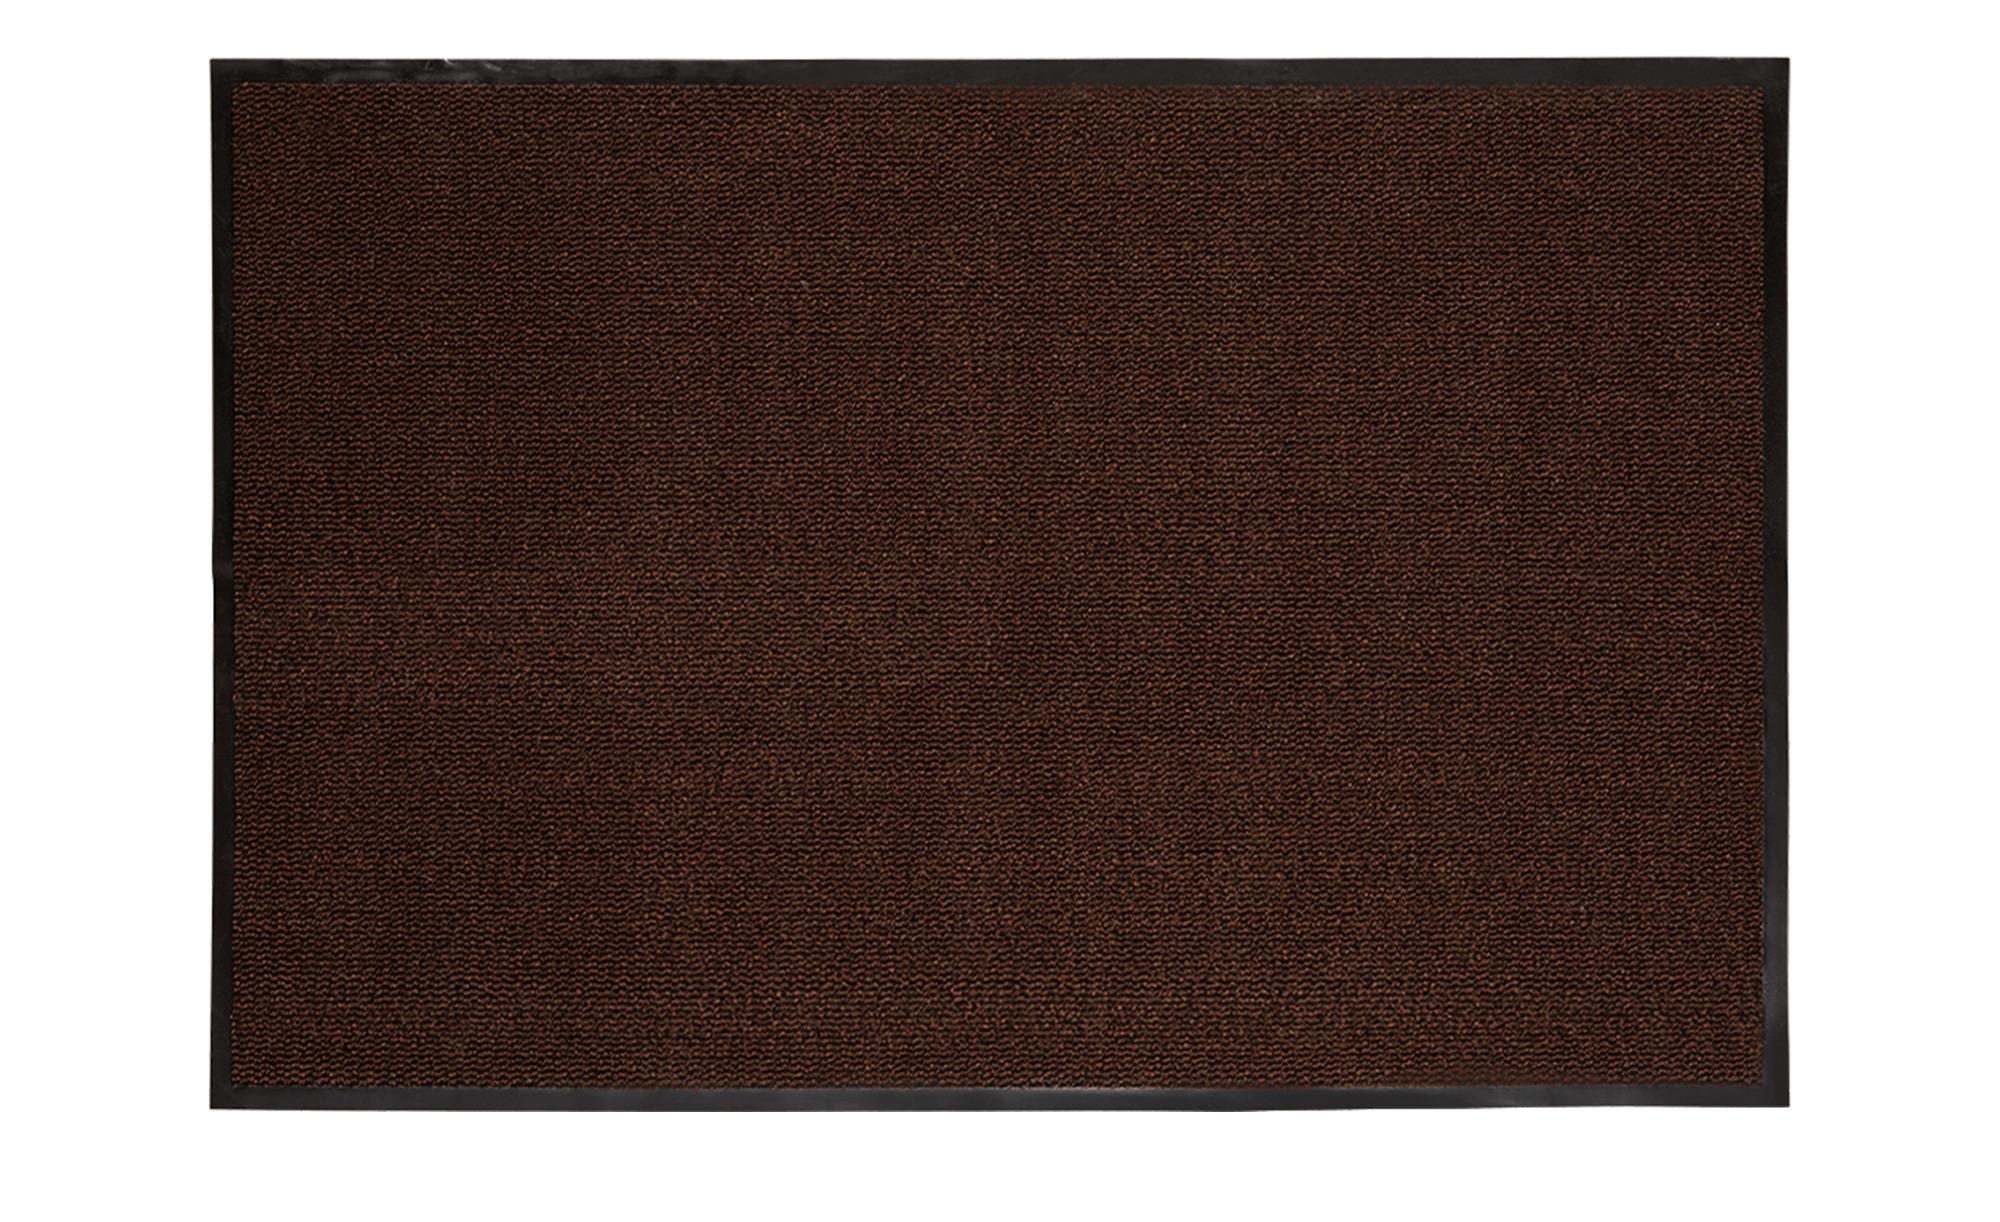 Fußmatte  Saphir ¦ braun ¦ Synthethische Fasern, 100% Polypropylen ¦ Maße (cm): B: 40 Teppiche > Fußmatten & Stufenmatten - Höffner